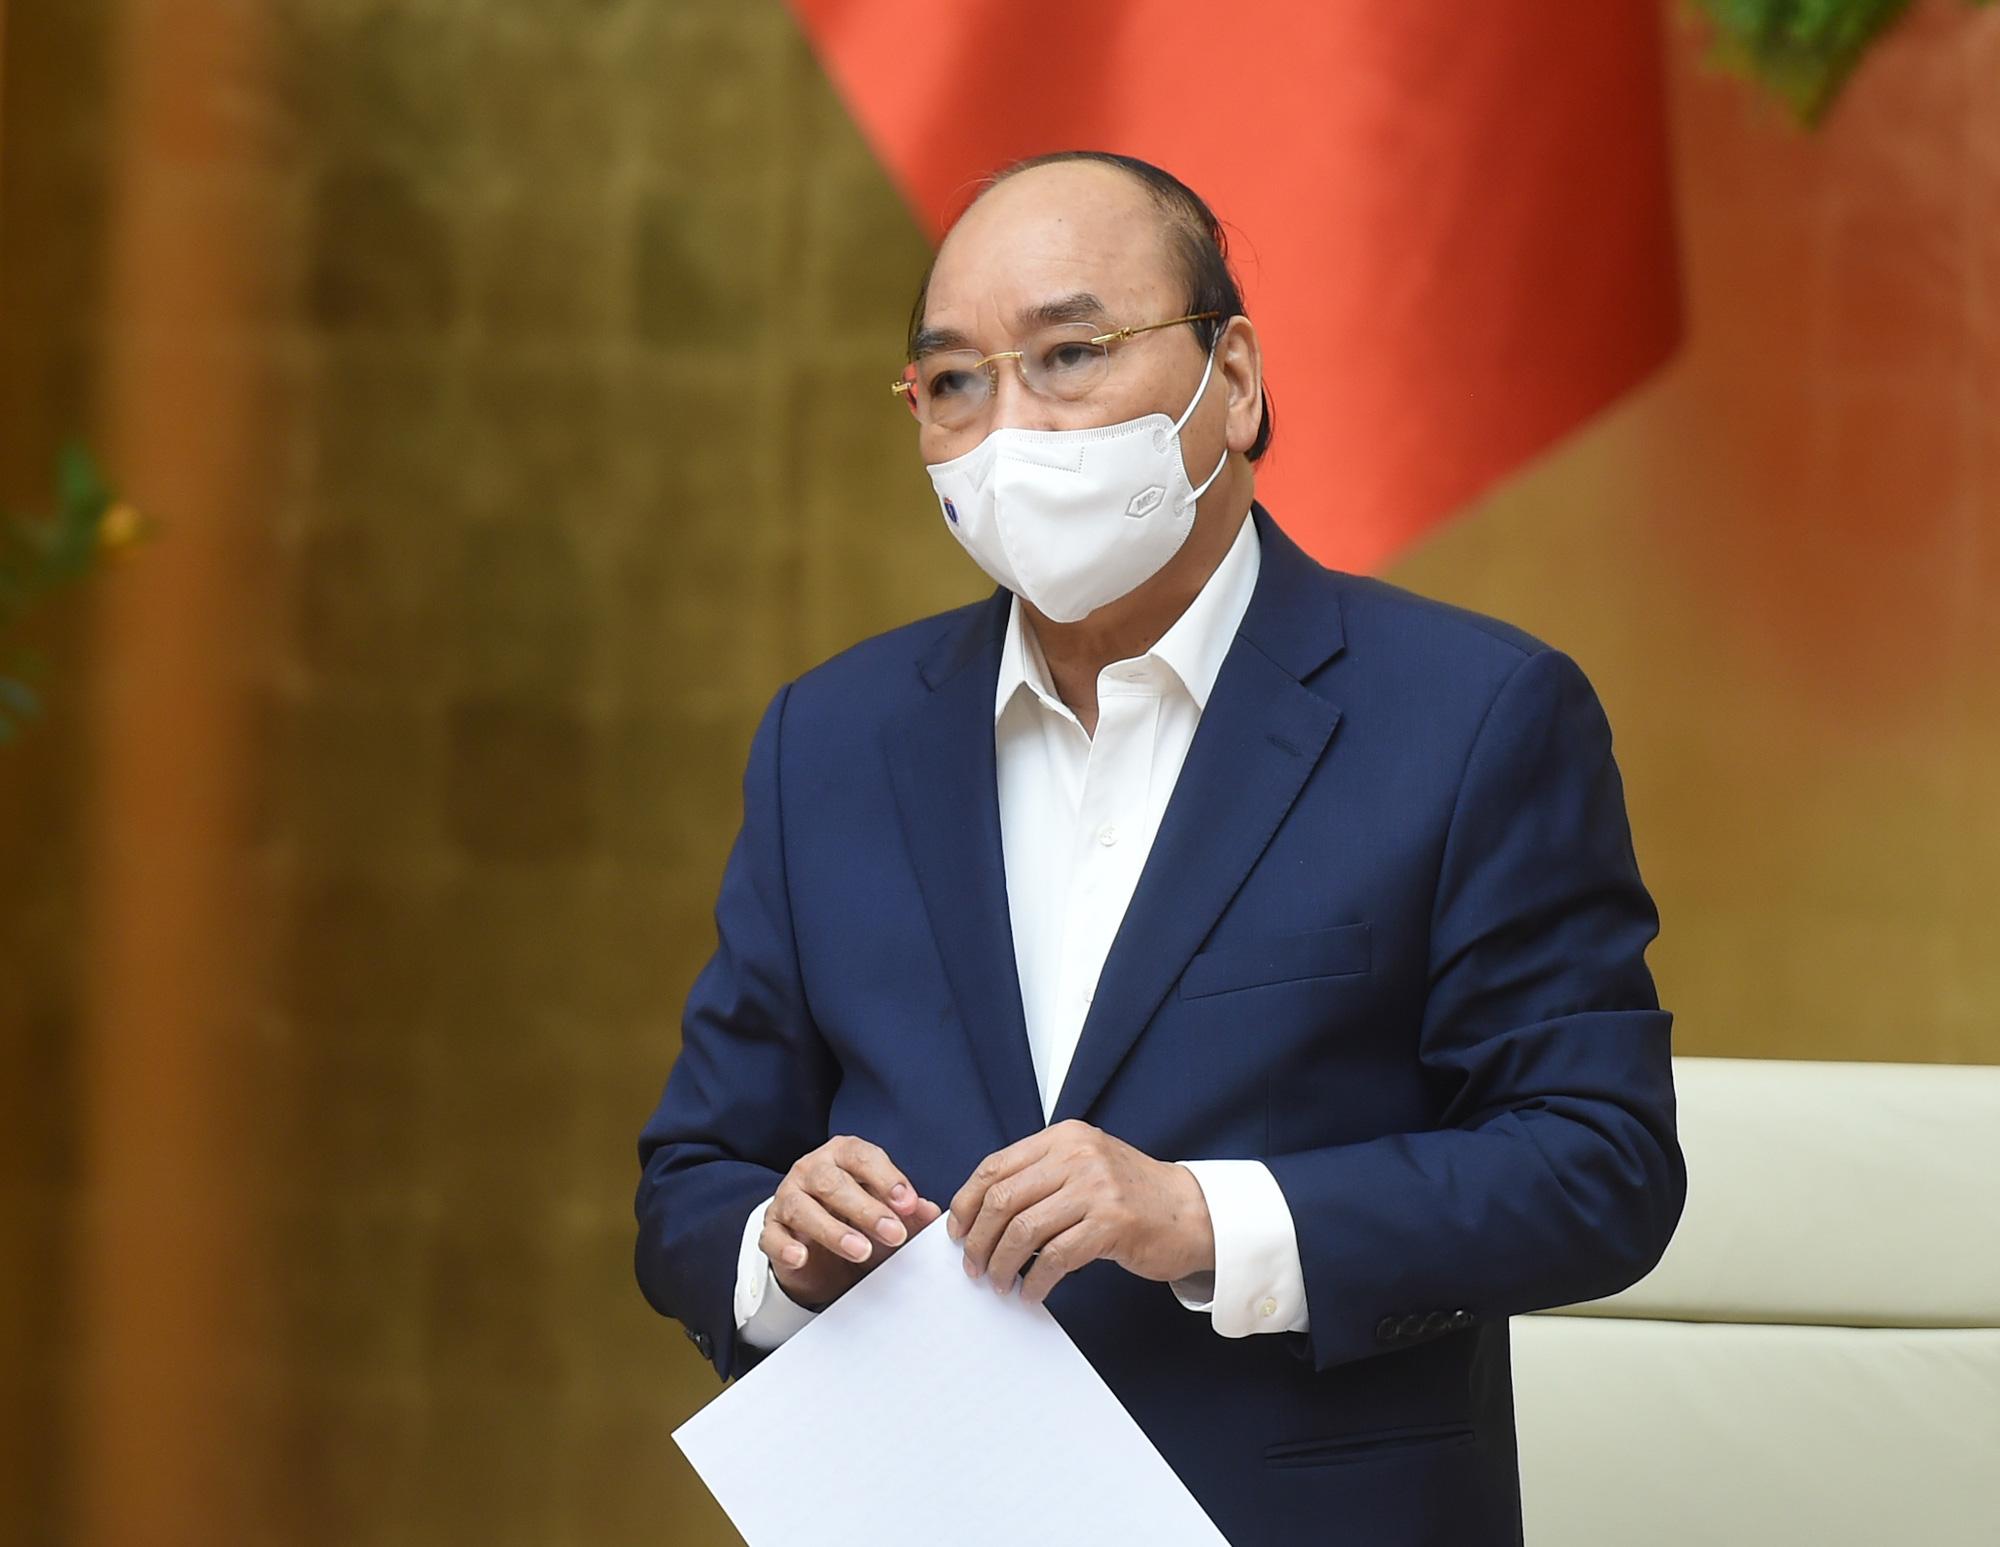 Thủ tướng Nguyễn Xuân Phúc: Đặt vấn đề về kinh tế tư nhân một cách đúng mức - Ảnh 1.